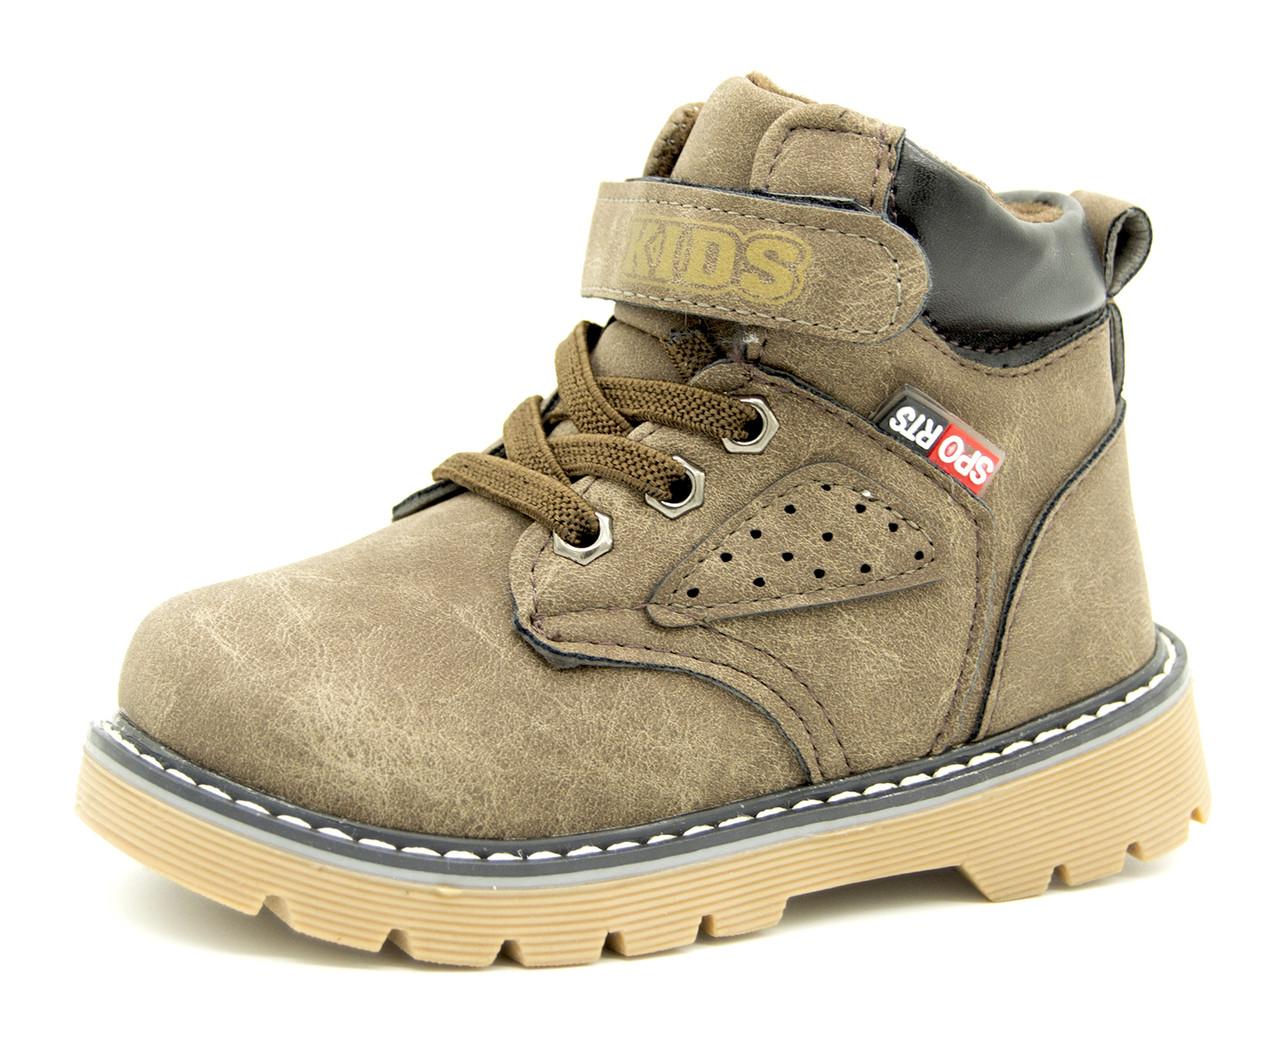 Ботинки для мальчика Коричневые Размеры: 29